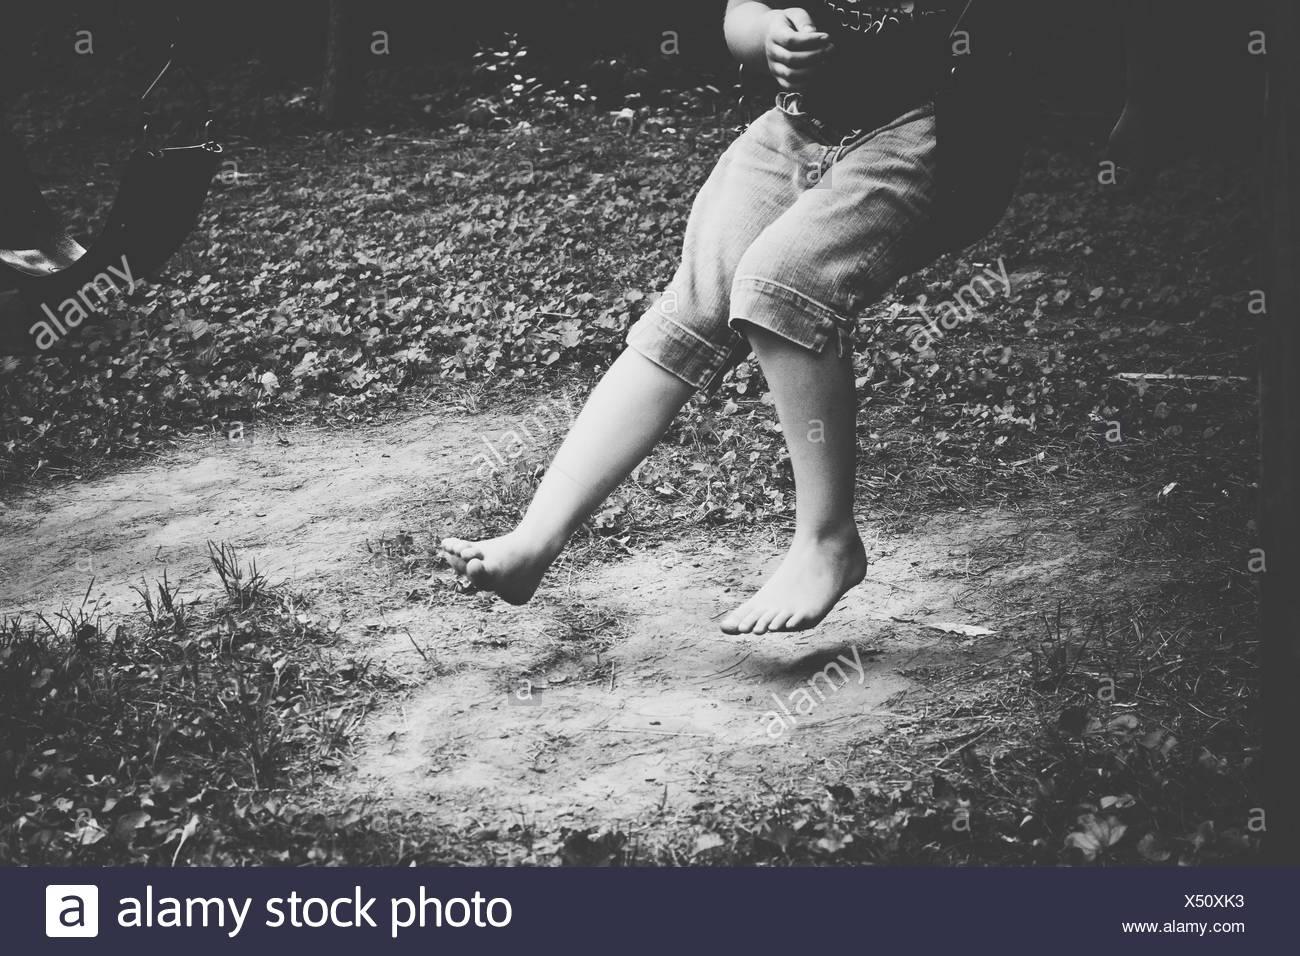 Bajo la sección de un muchacho saltando al aire libre Imagen De Stock